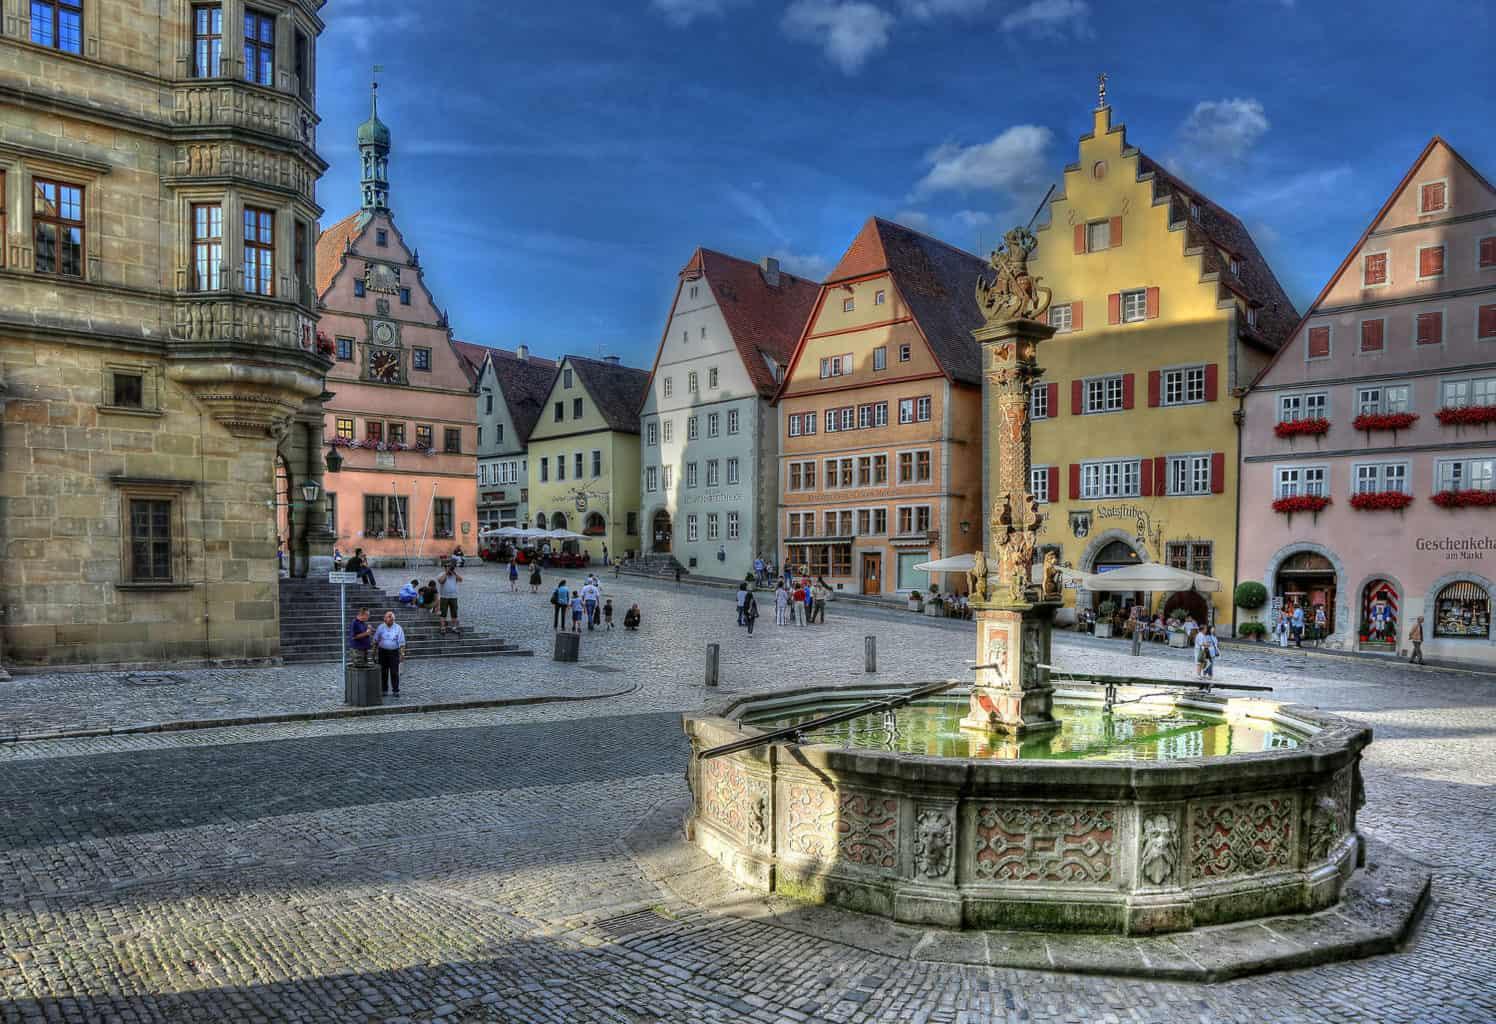 De markt met het stadhuis en een fontein in Rothenburg ob der Tauber